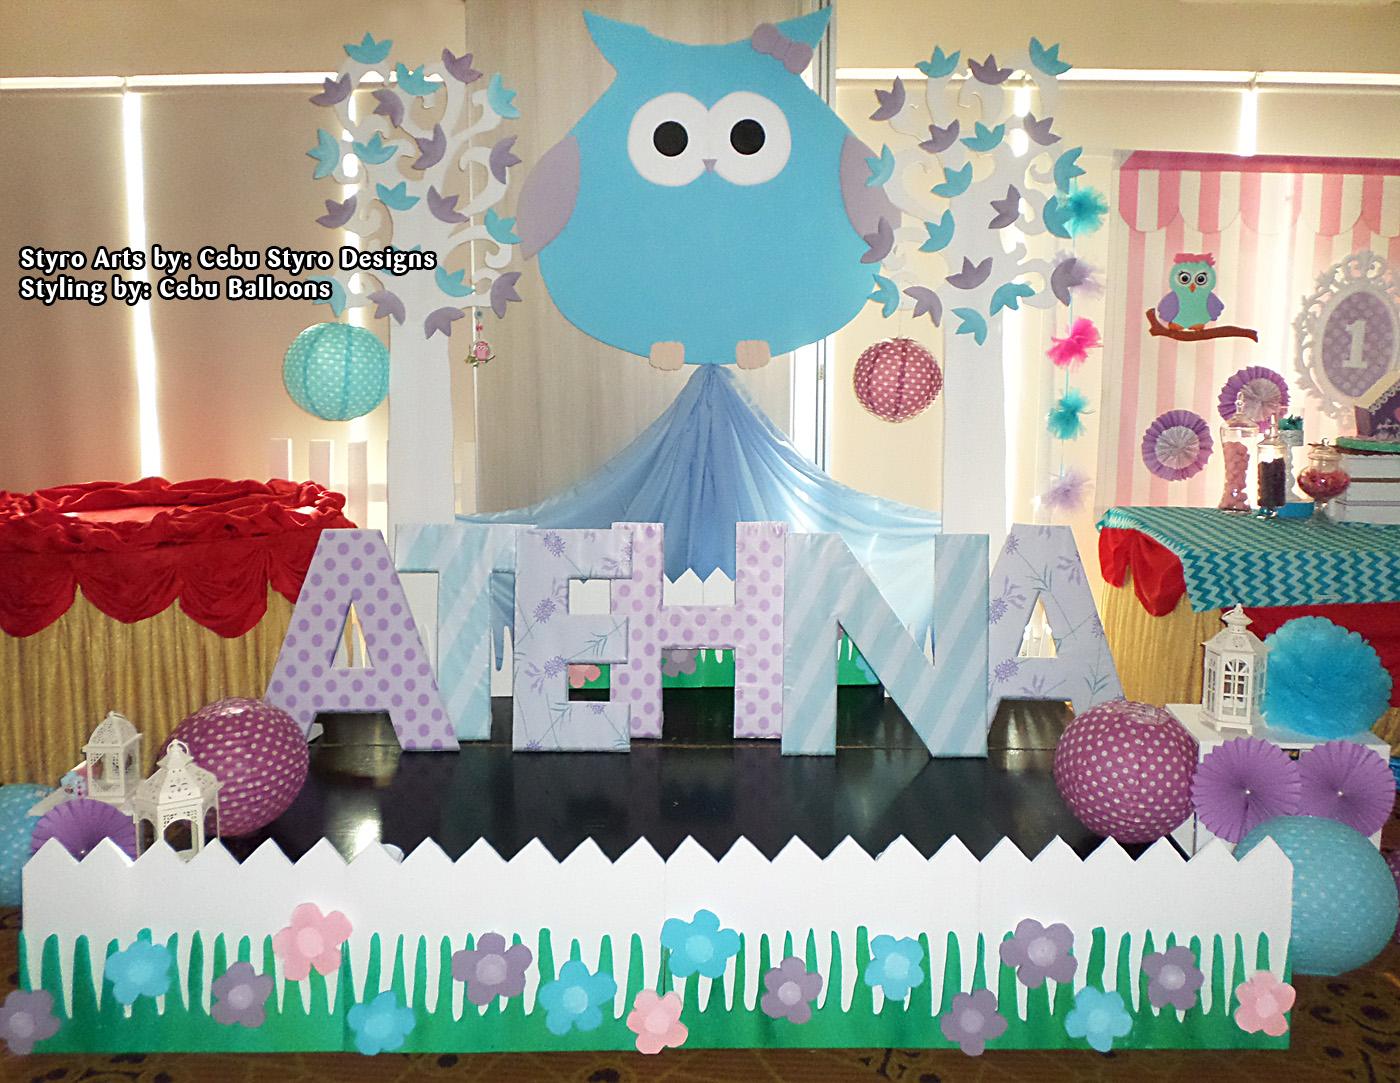 Backdrop Cebu Styro Designs